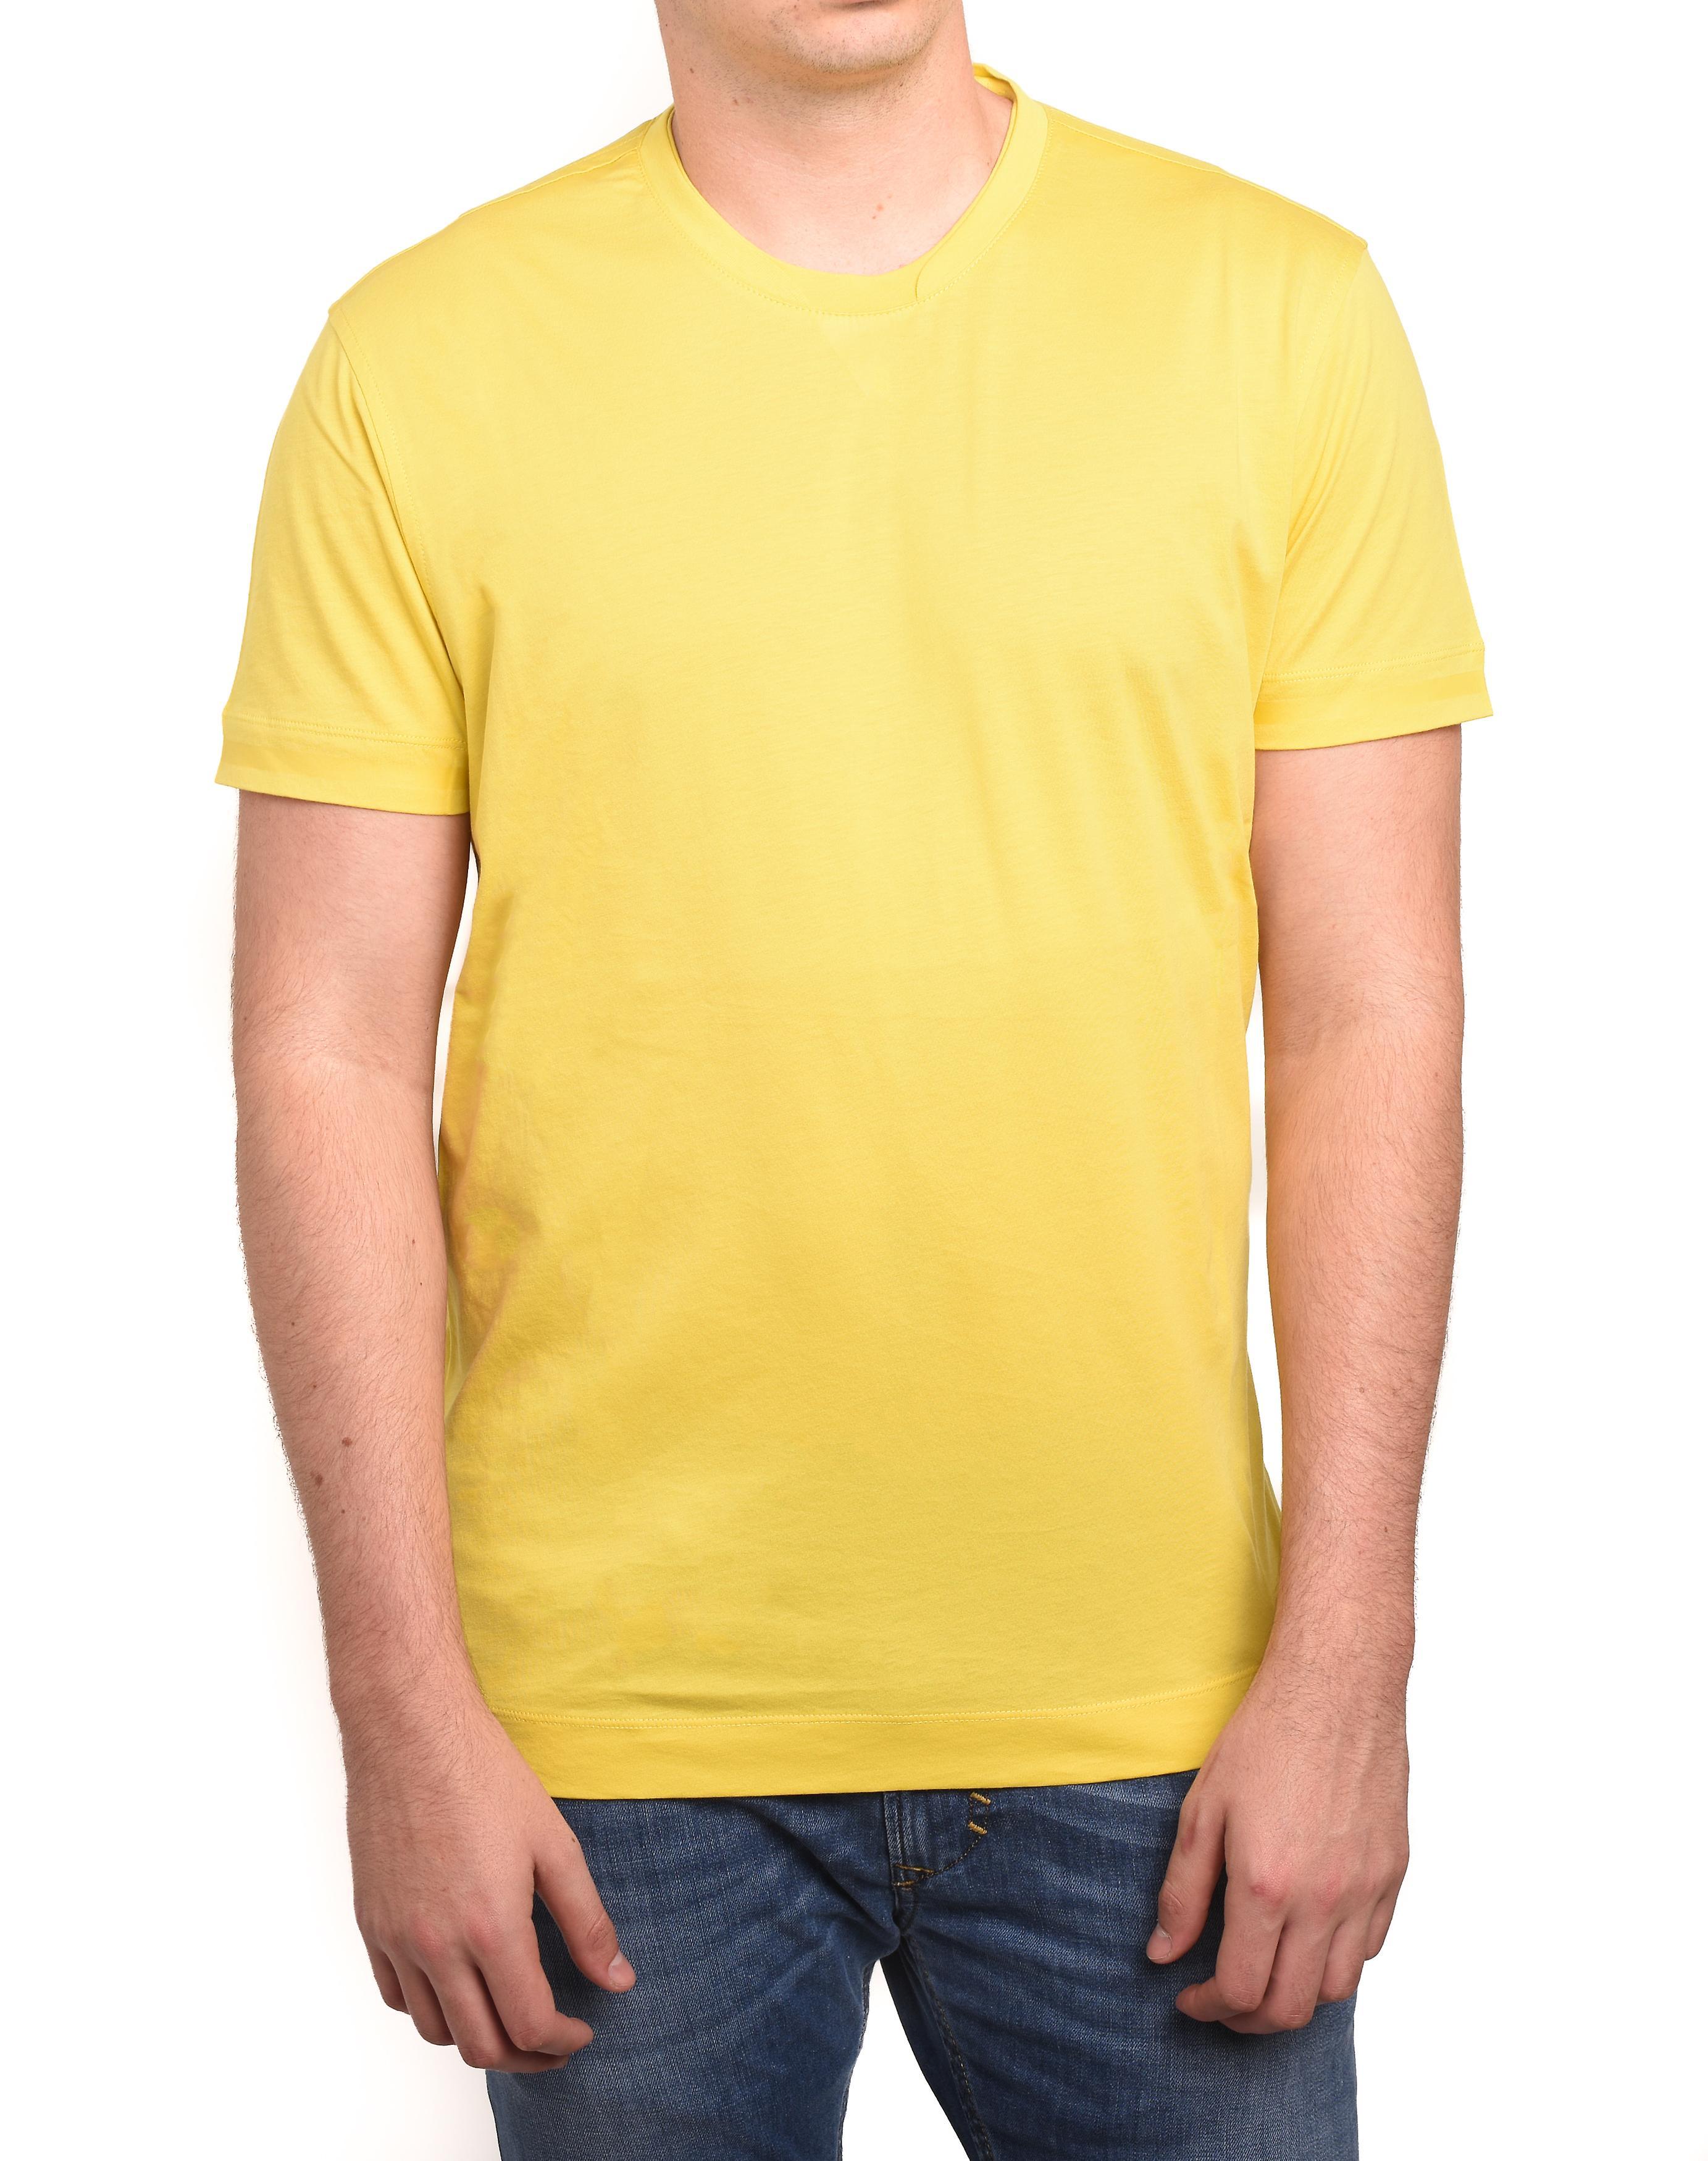 Z Zegna by Ermenegildo Zegna Men Double Collar T-Shirt Yellow